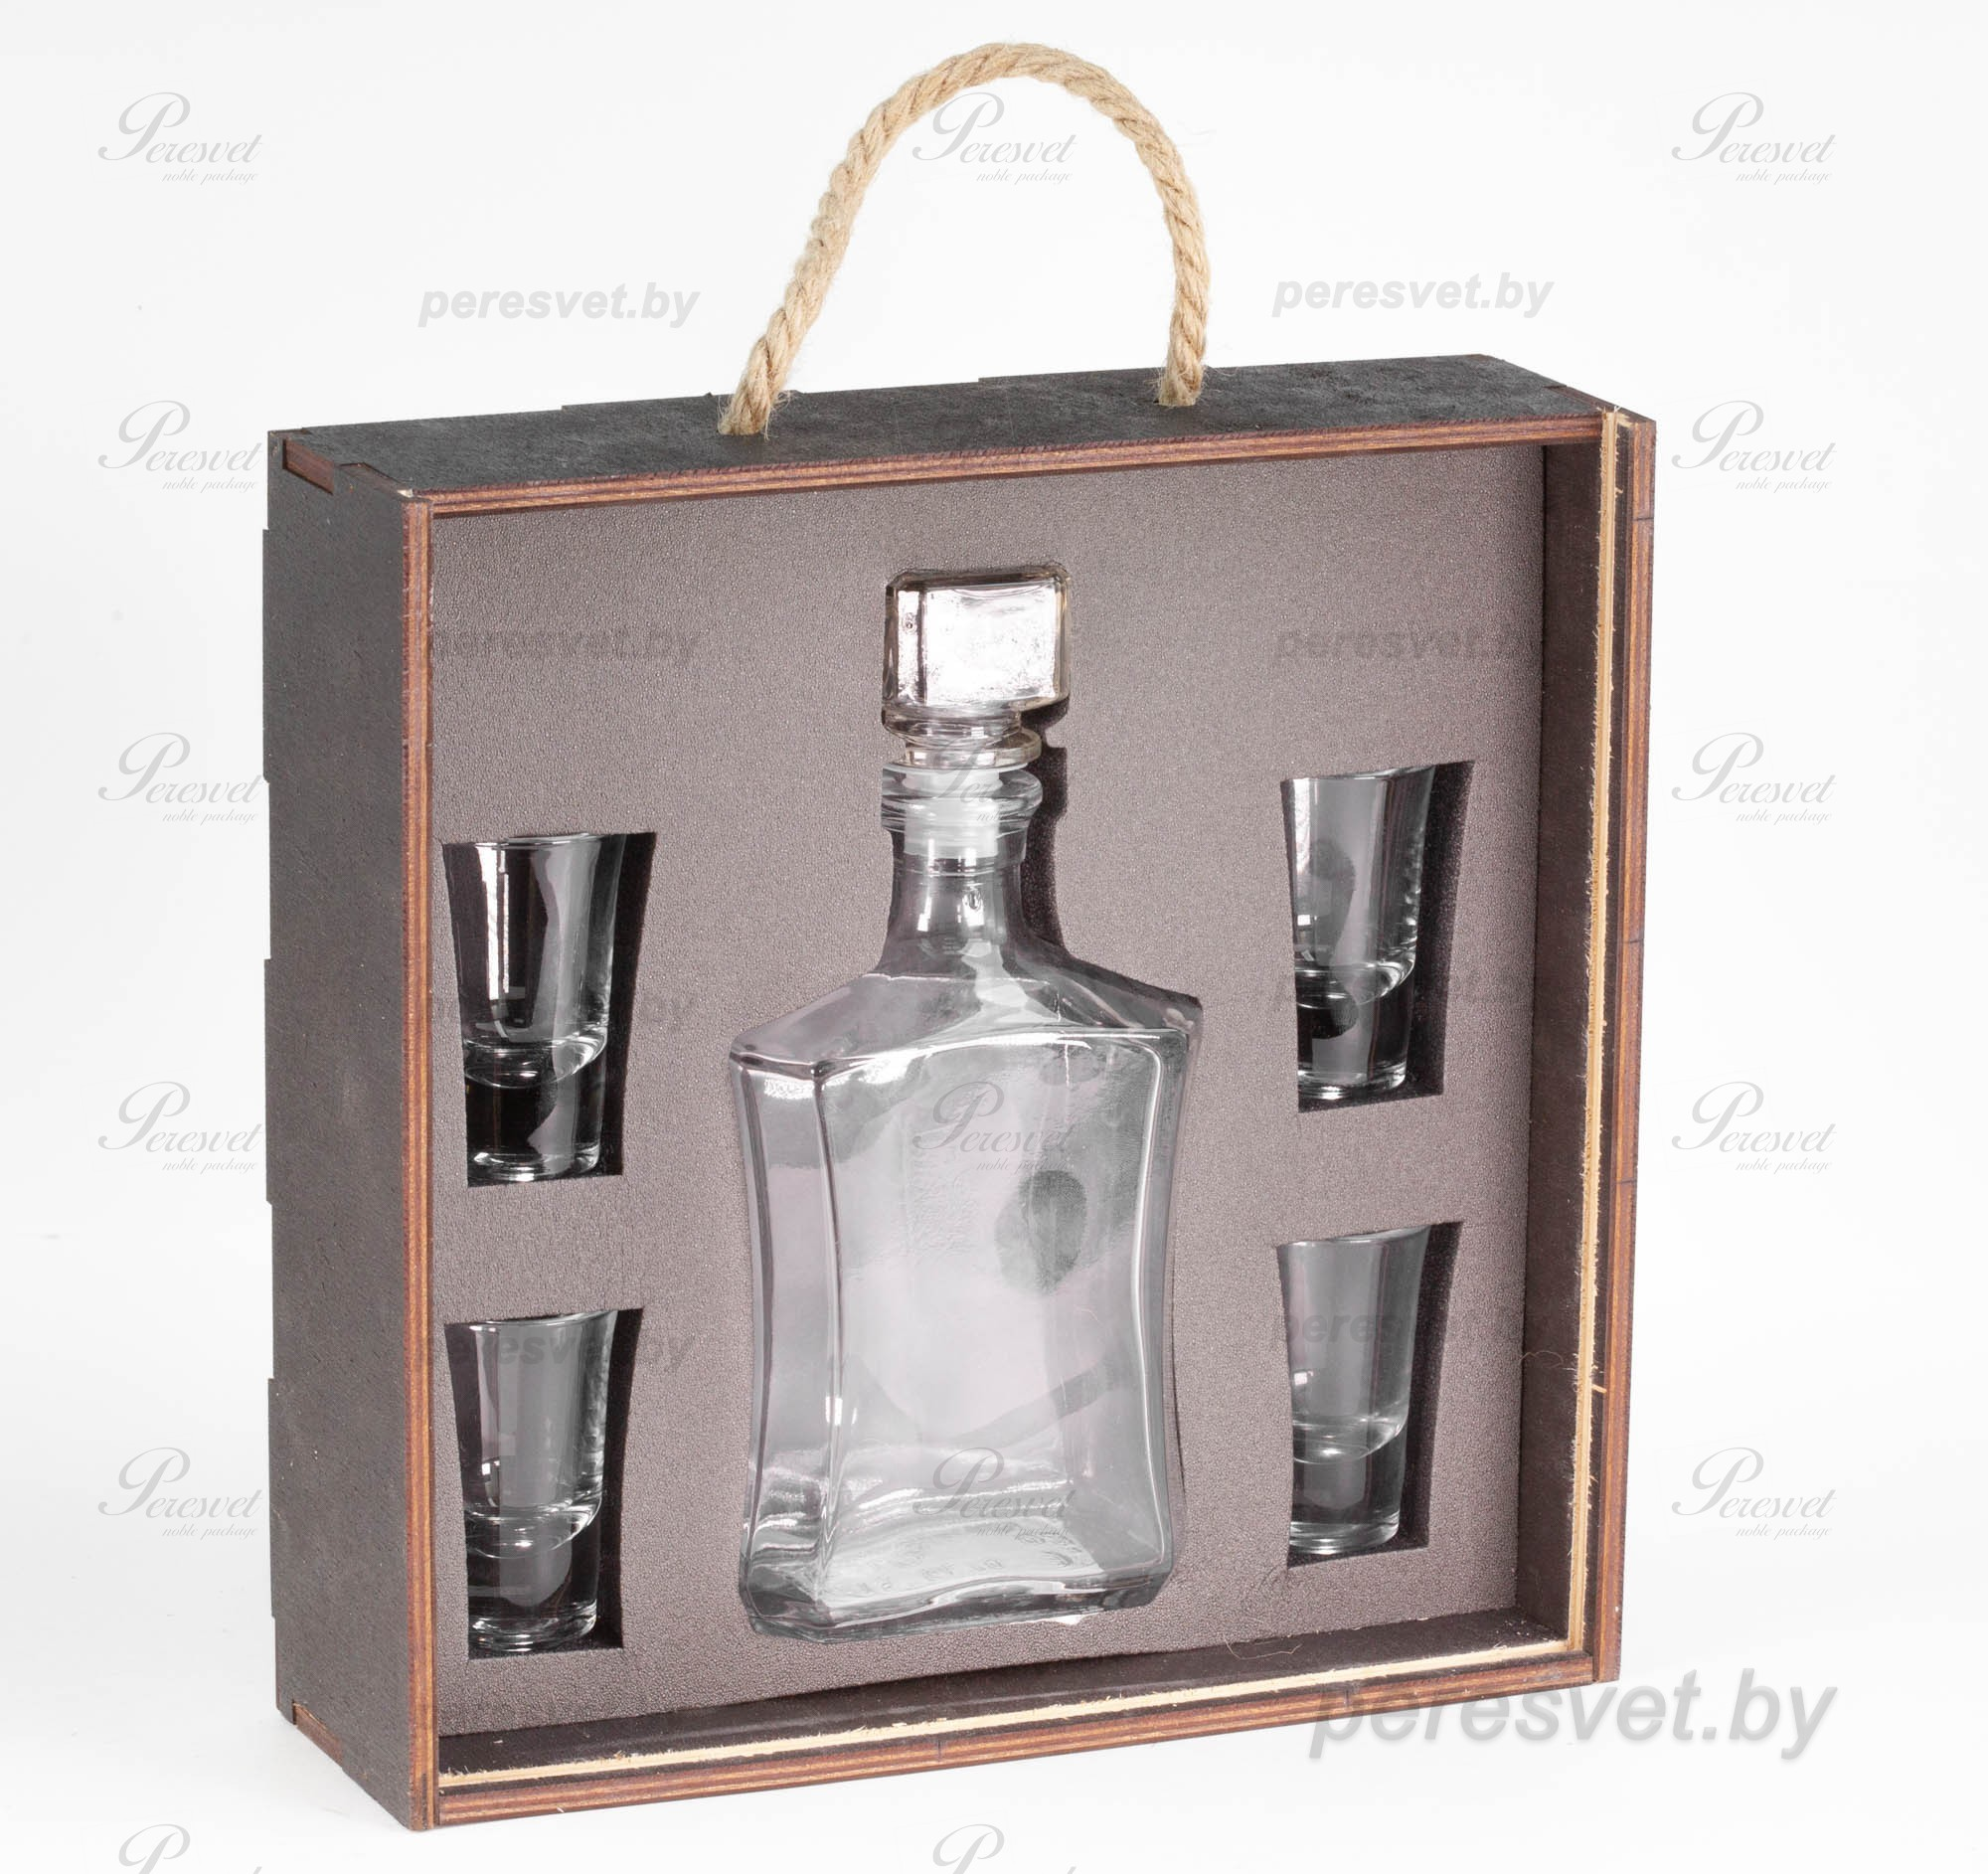 Подарочный набор Anti-ТесТер в деревянной упаковке с ложементом на peresvet.by